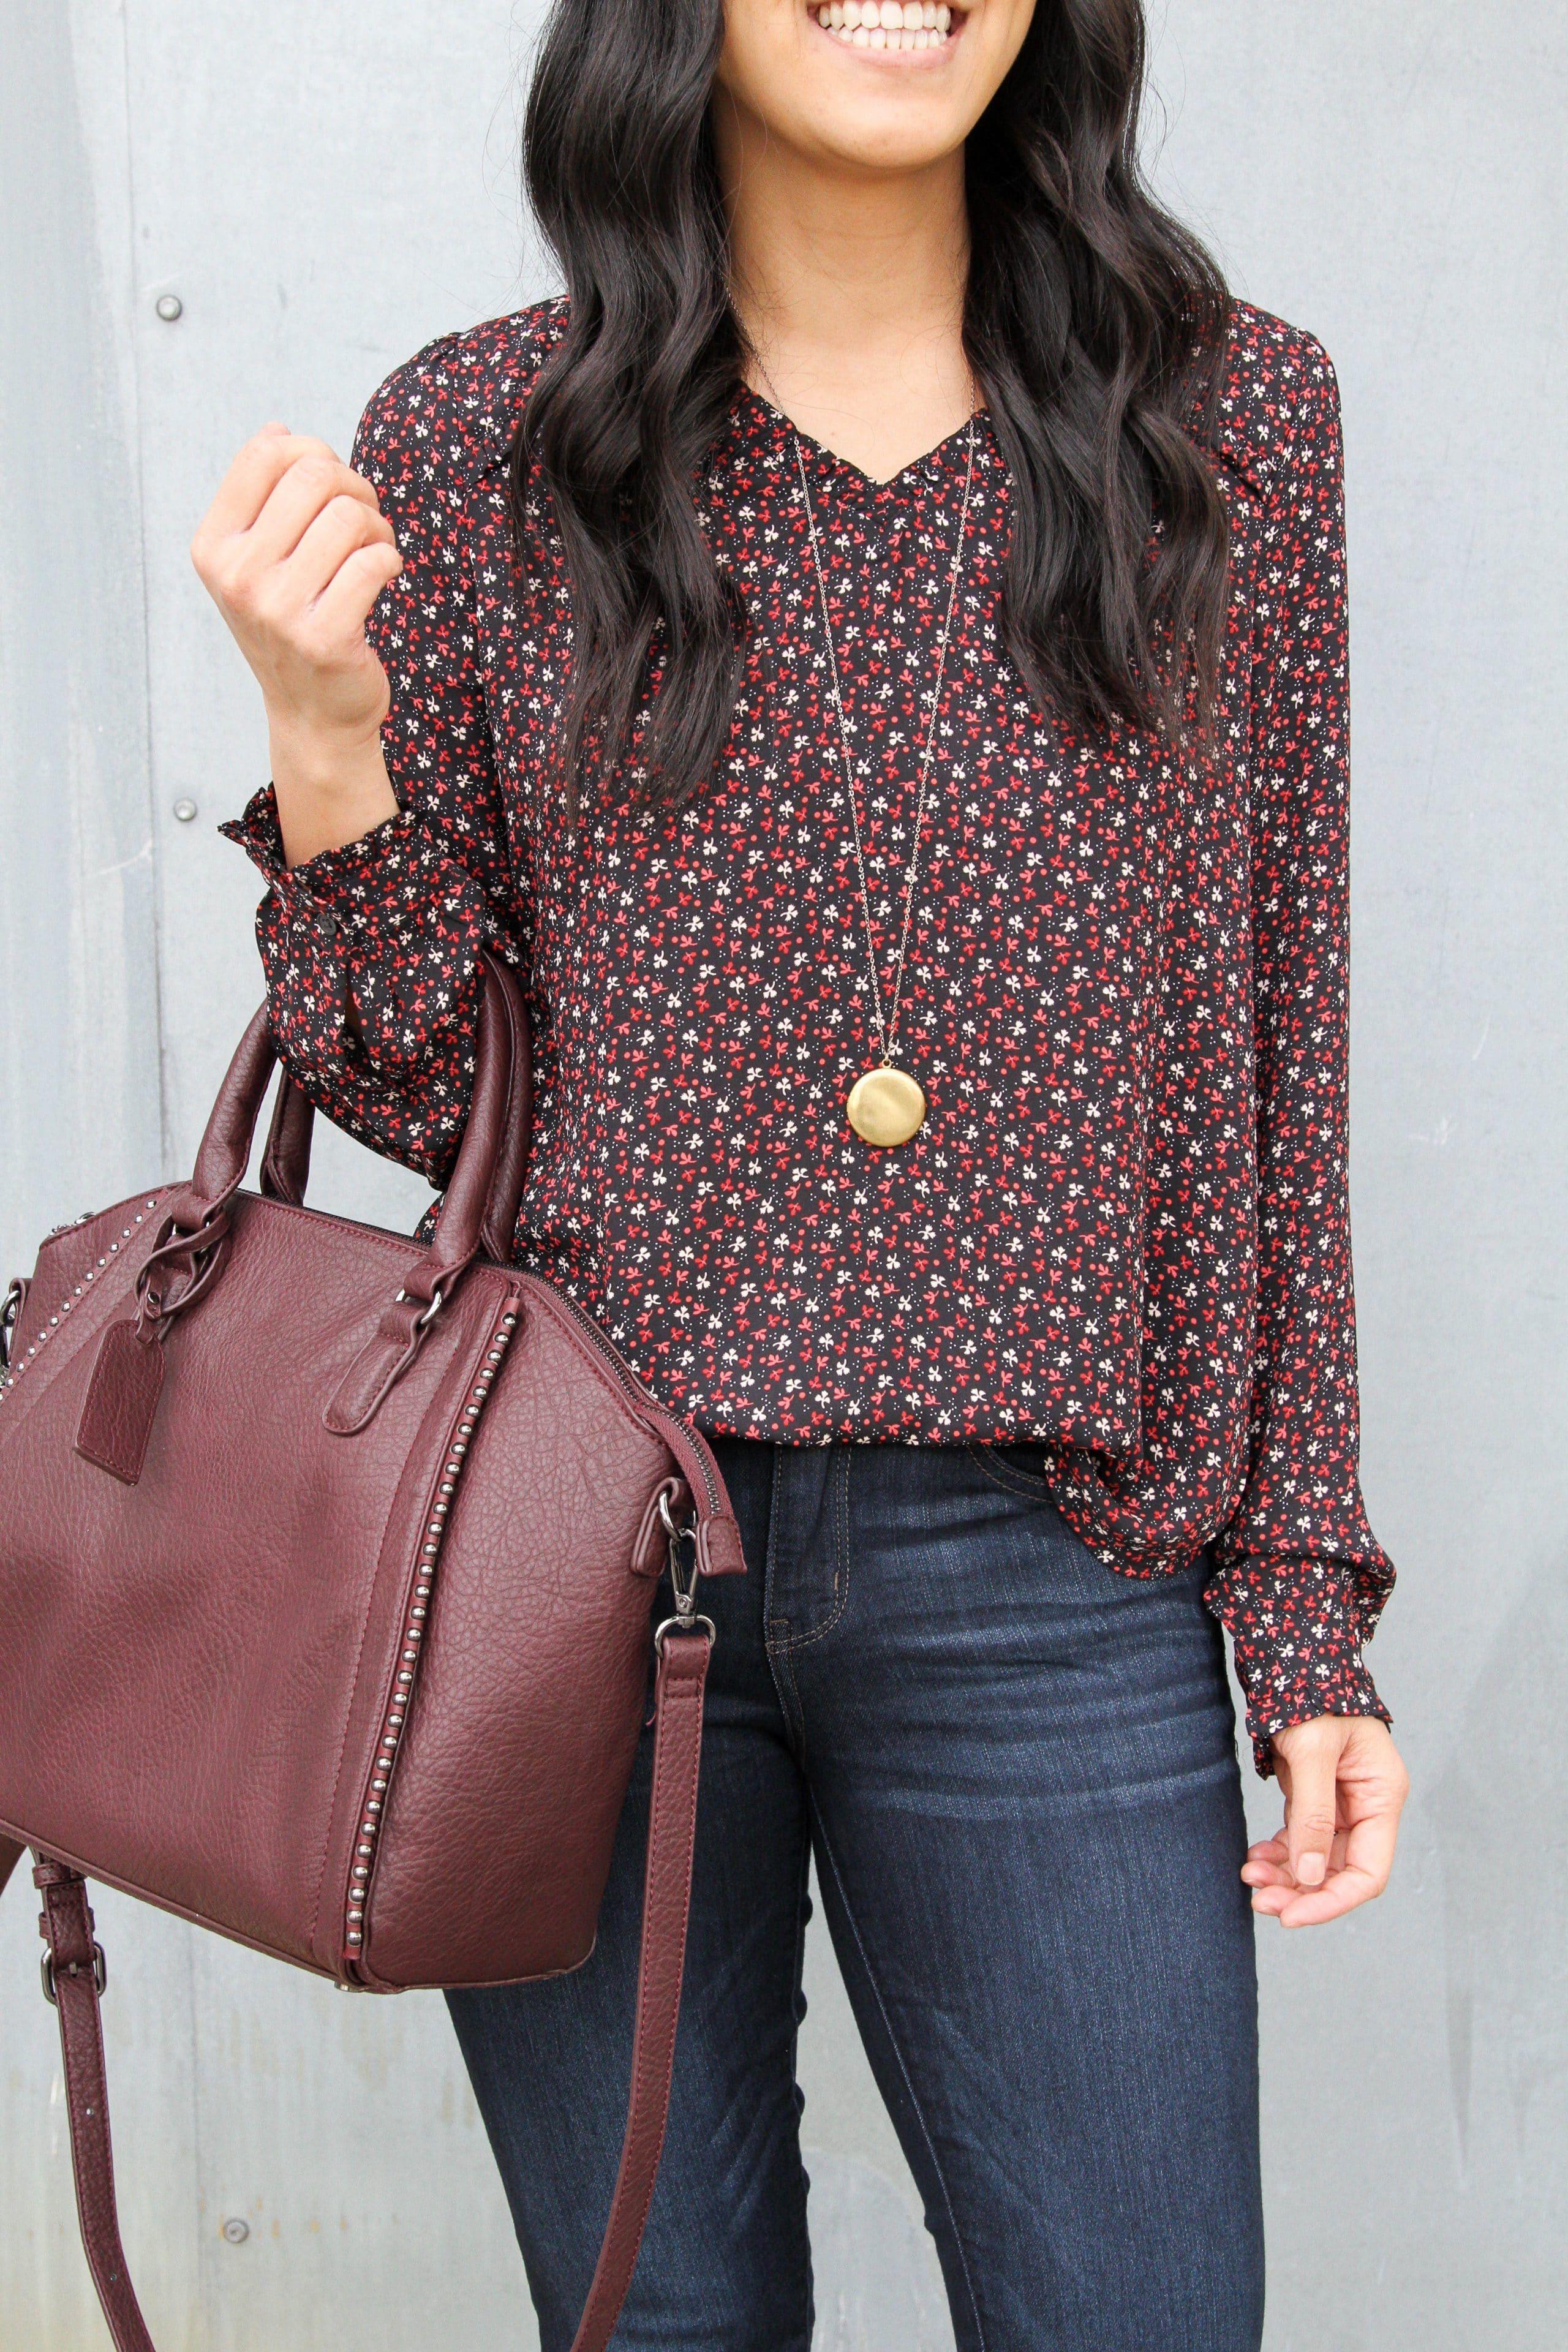 Floral loft top closeup + maroon bag